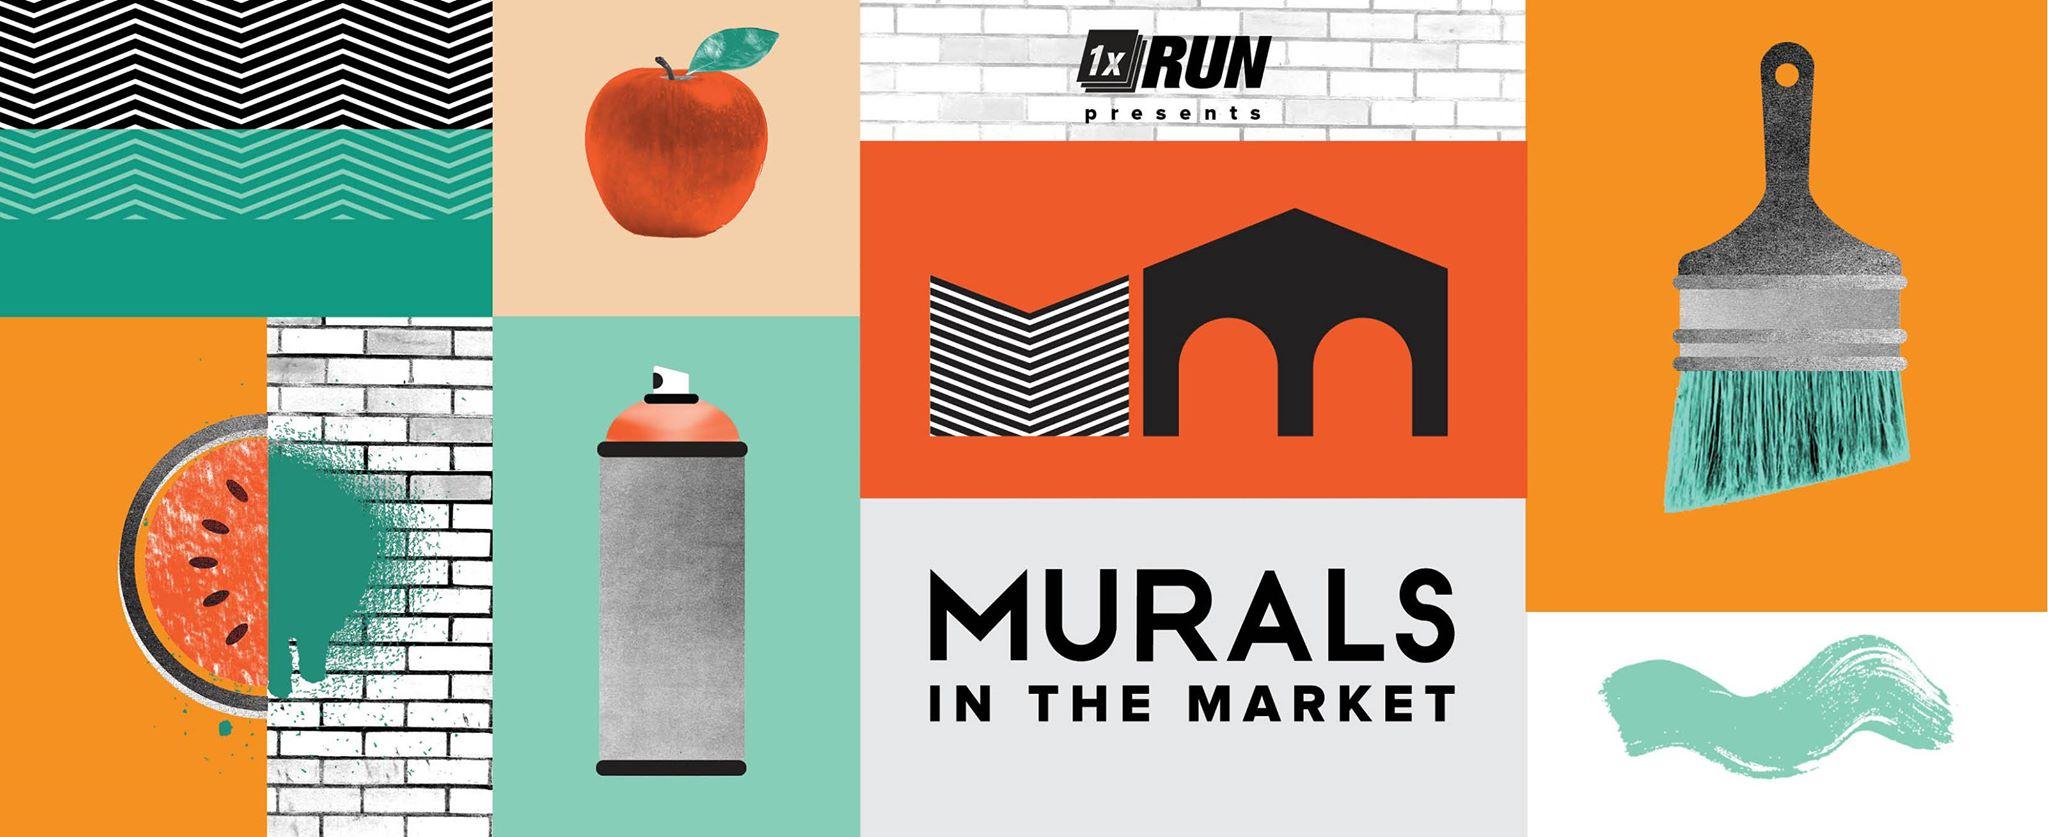 Murals In The Market - Detroit, 2015